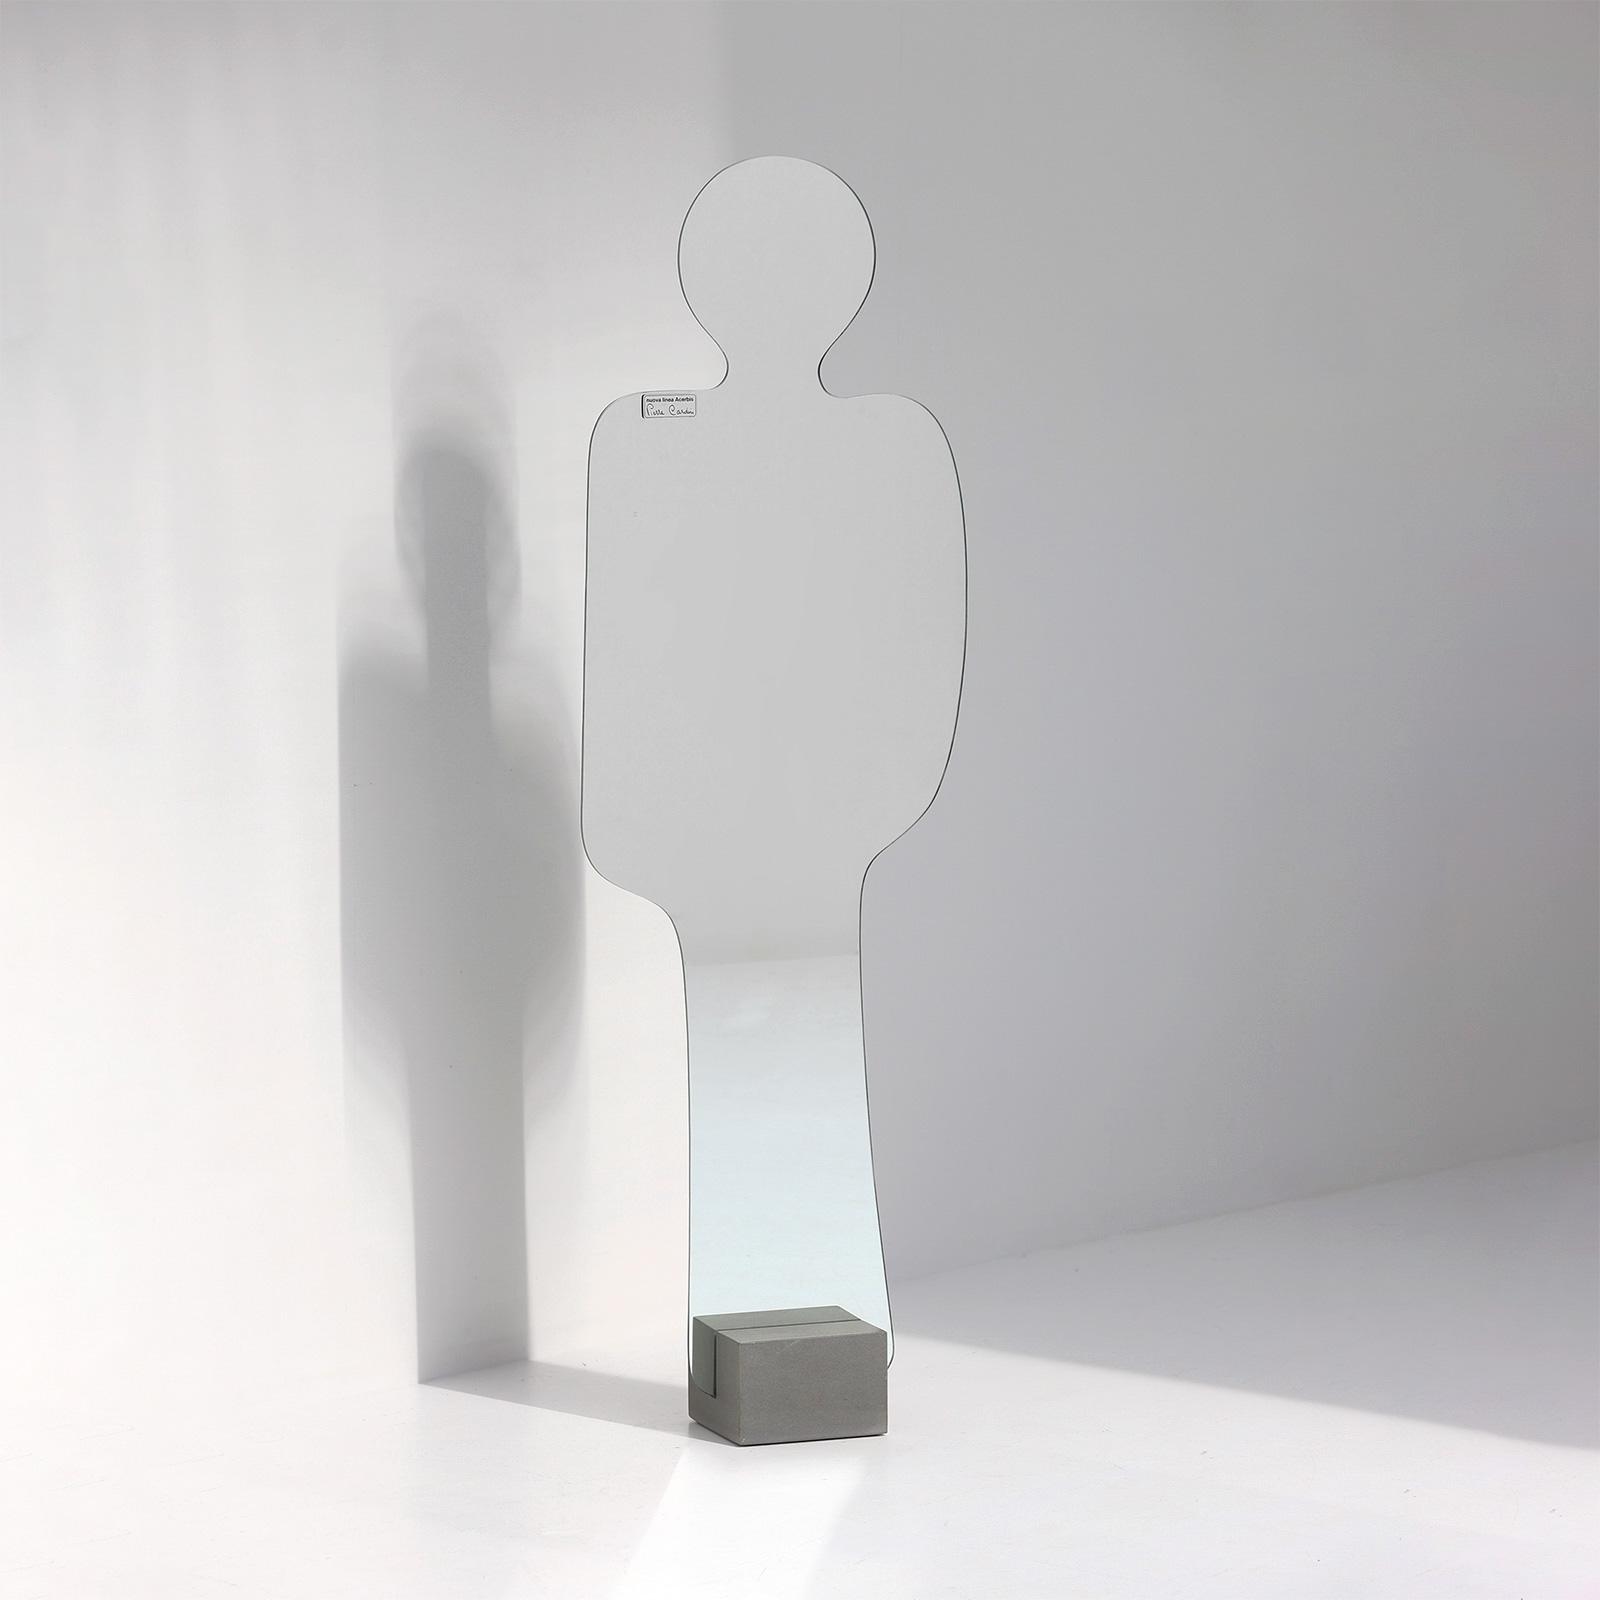 Pierre Cardin Silhouette shaped mirror